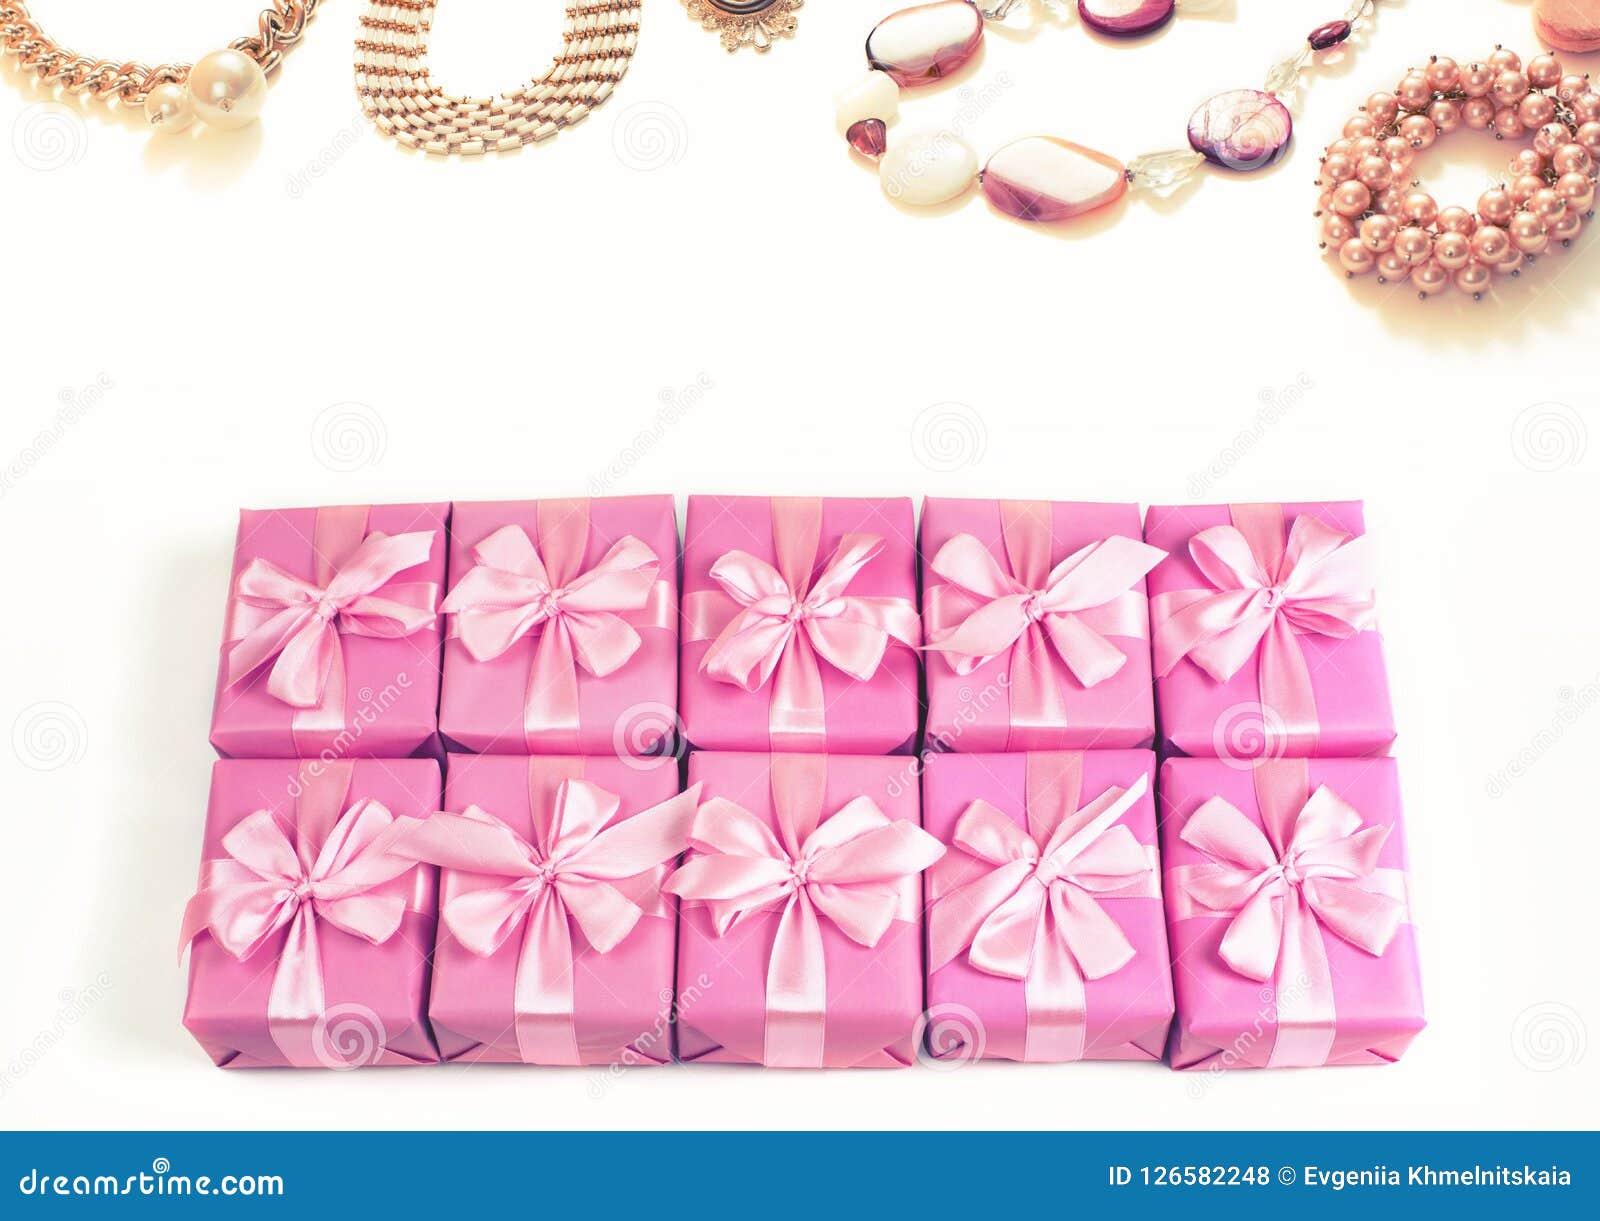 Строки коробок с сатинировкой орденской ленты подарков обхватывают розовые аксессуары моды для взгляд сверху браслета a ожерелья